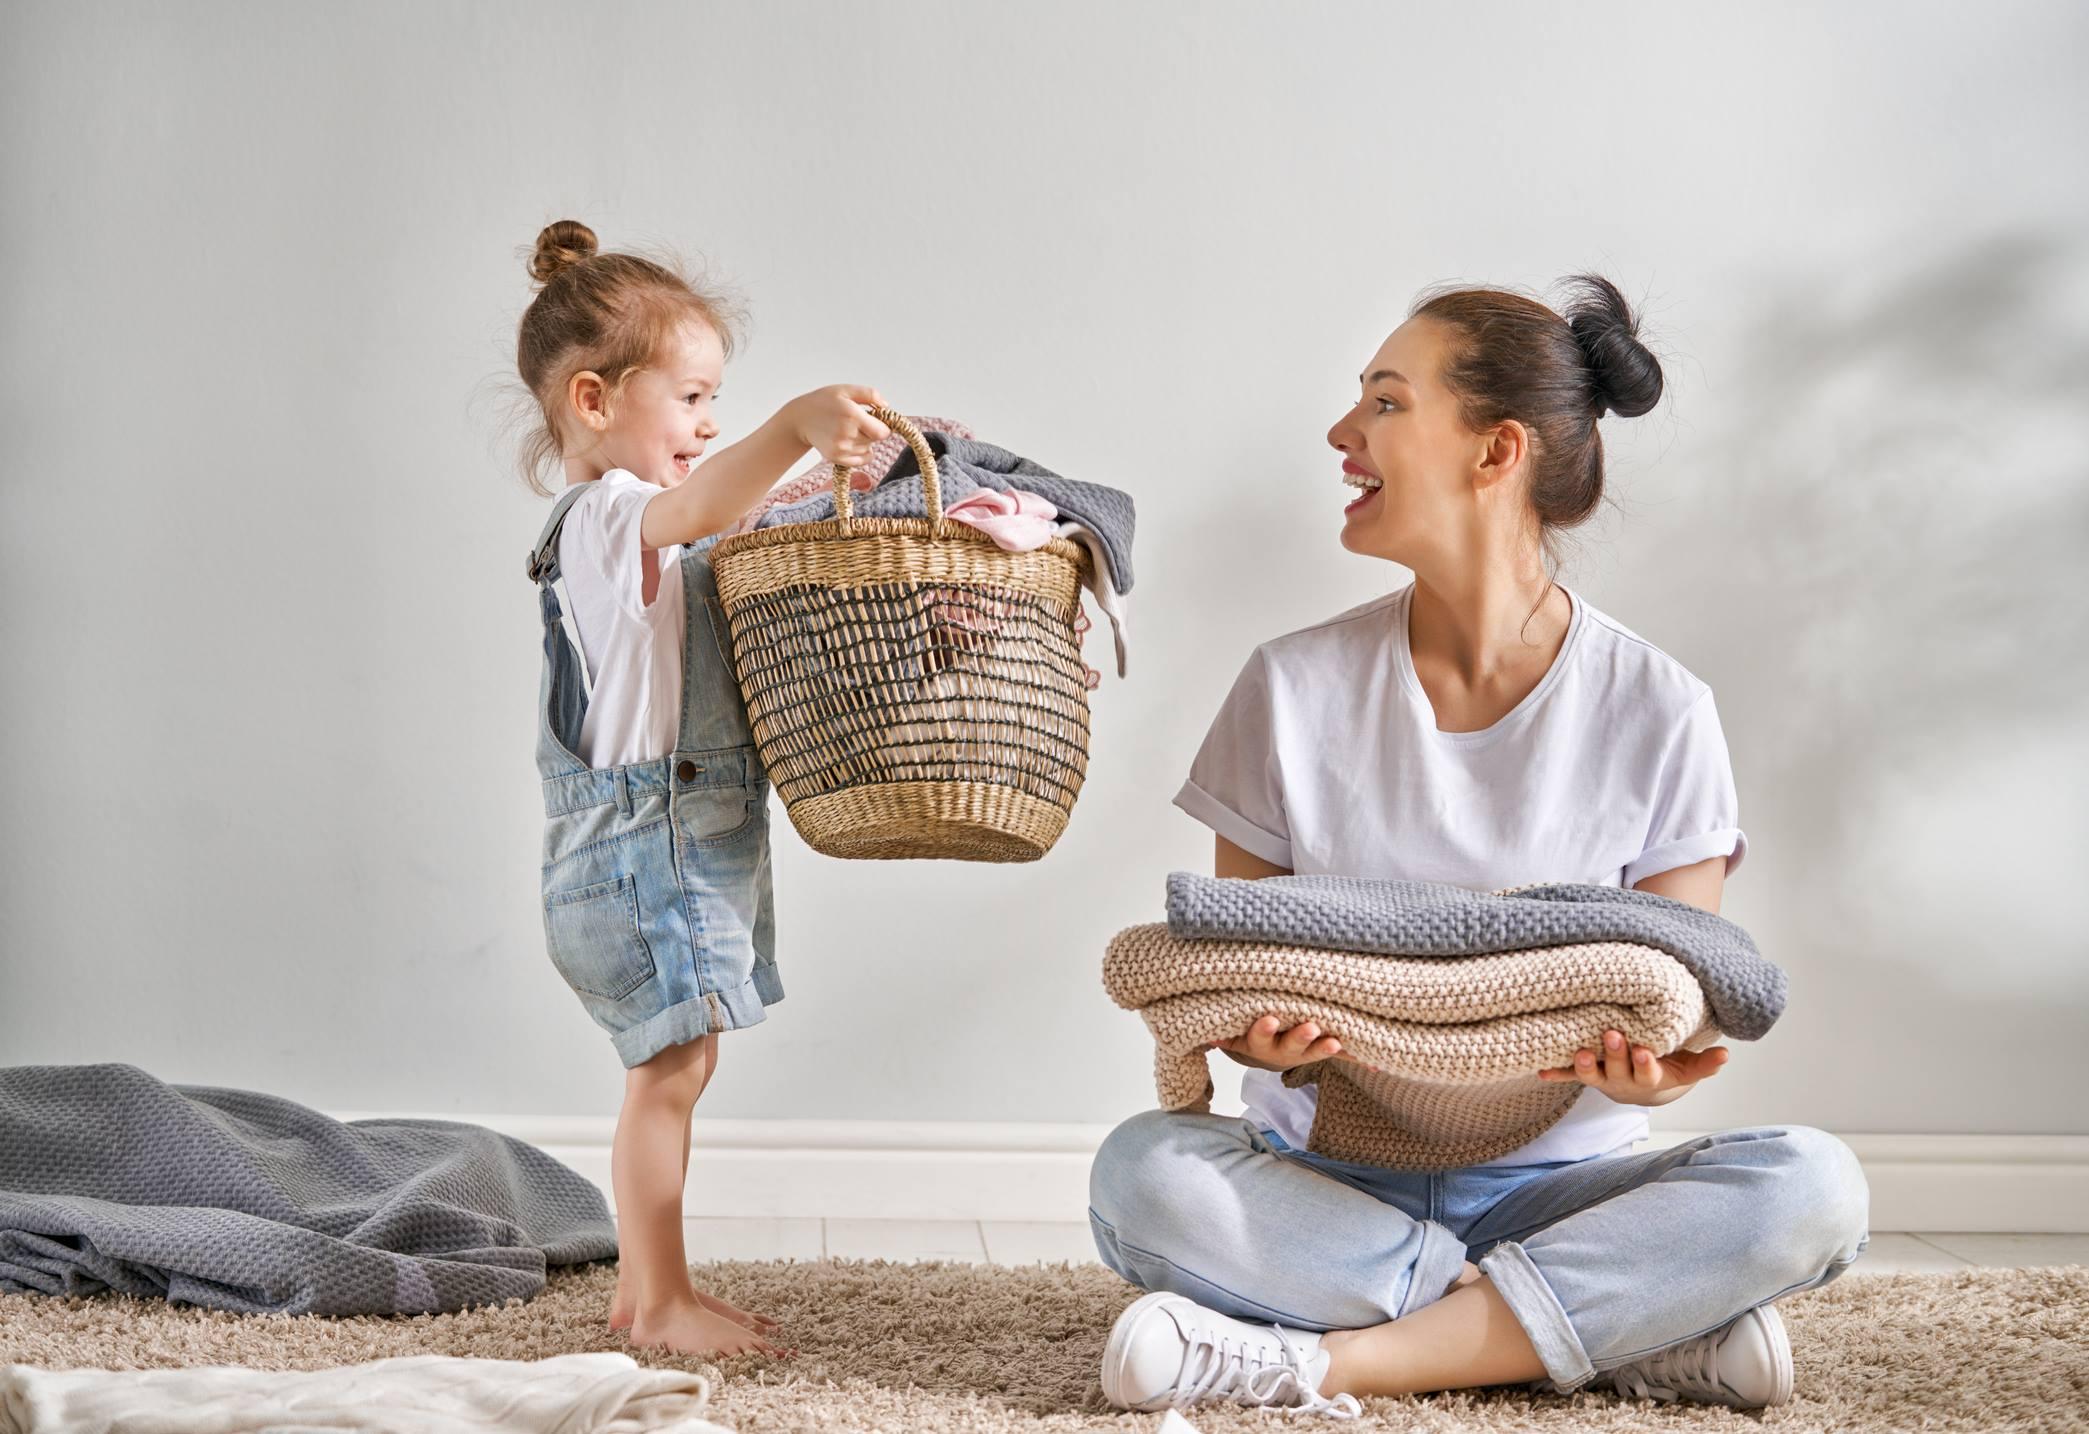 ajutându-vă copilul să slăbească